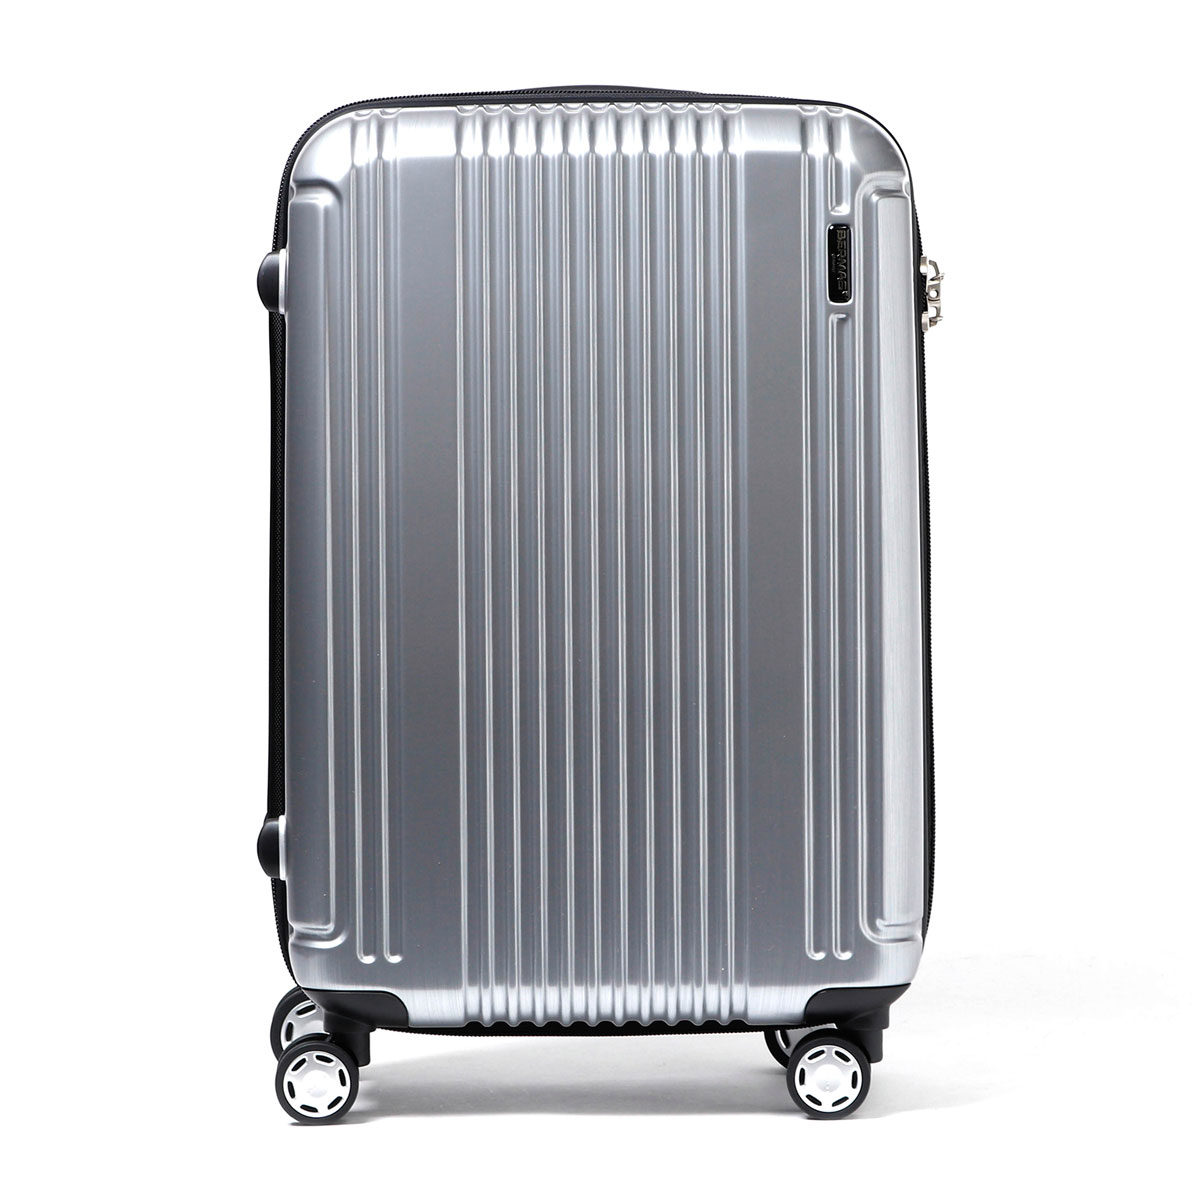 「セール30%OFF」「正規品1年保証」バーマススーツケースBERMASバーマススーツケースプレステージ2PRESTIGEIIキャリーケースファスナー49L小型SサイズTSAロック1〜3泊程度4輪ハード軽量旅行カバン旅行バッグ60253(60263)